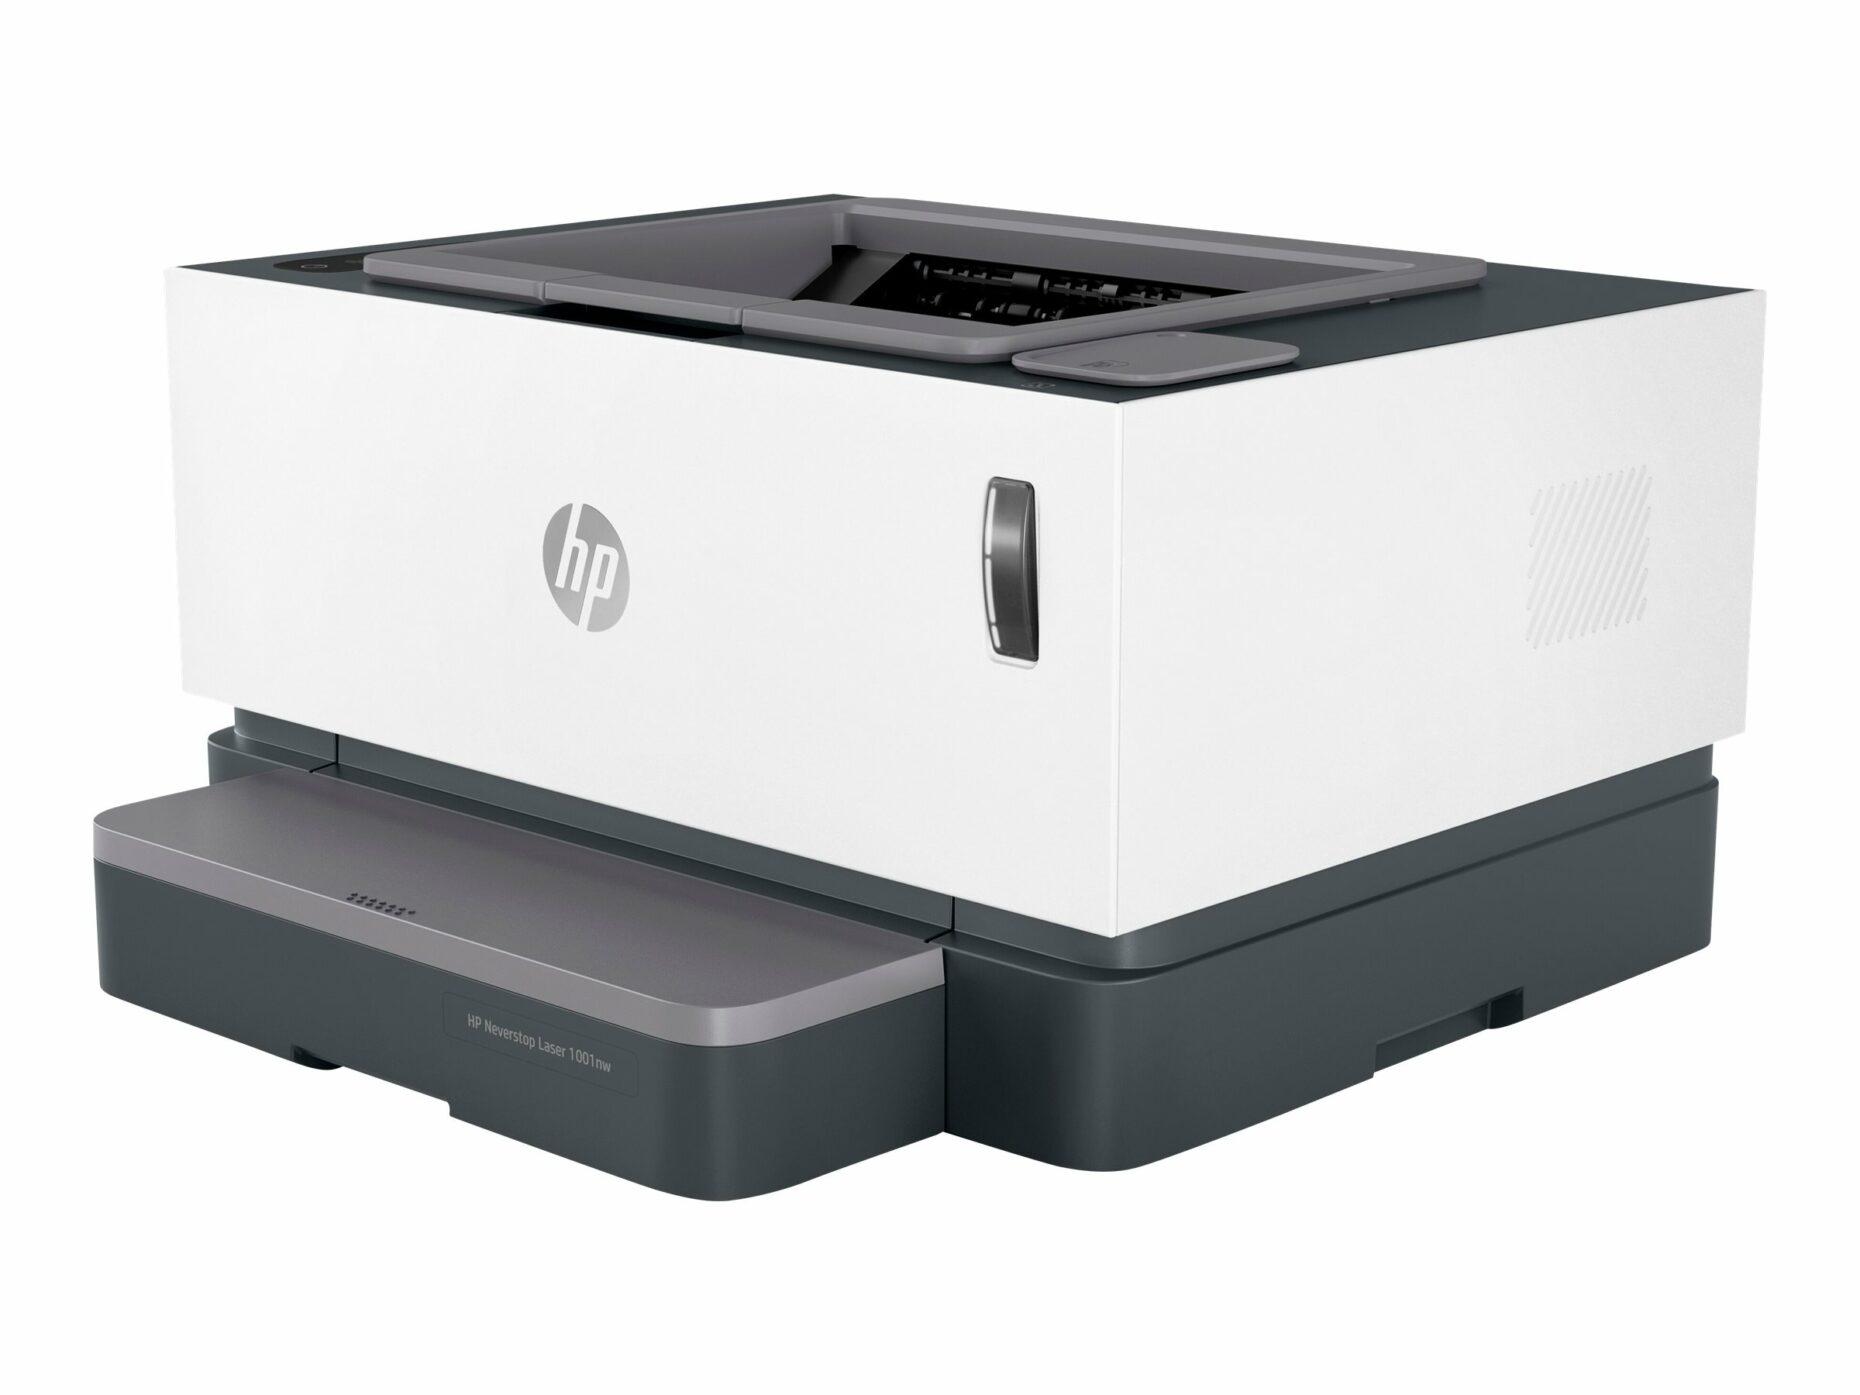 HP Neverstop 1001nw Cartridge-Free Laser Tank Printer